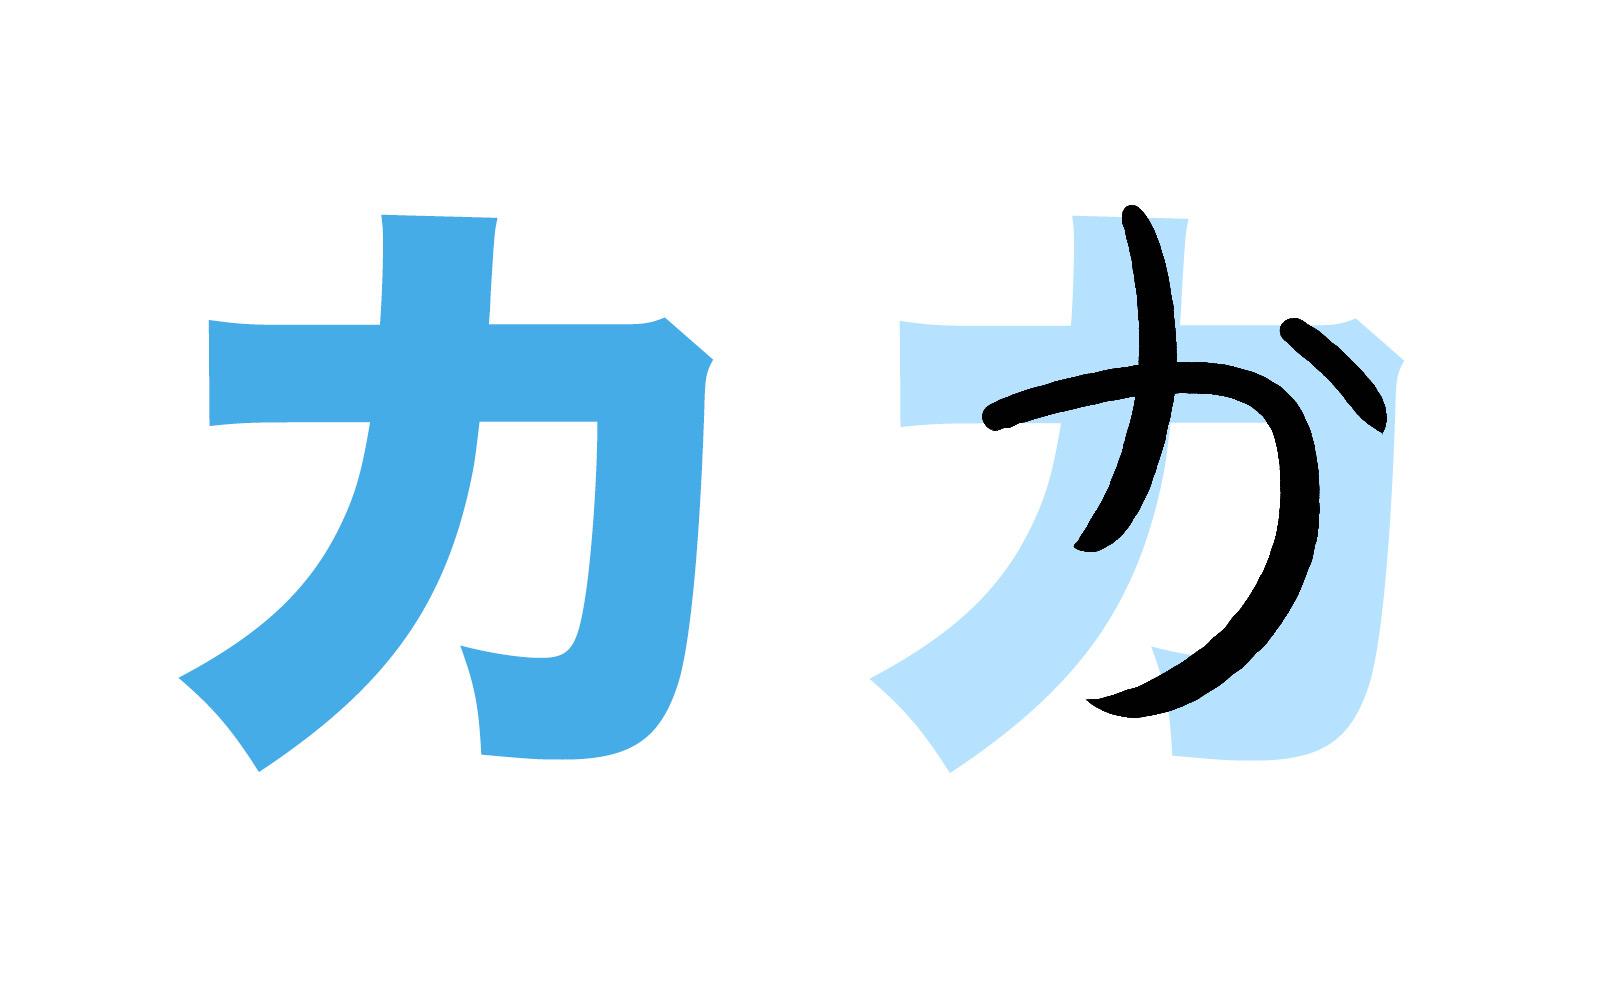 Katakana character カ mnemonic